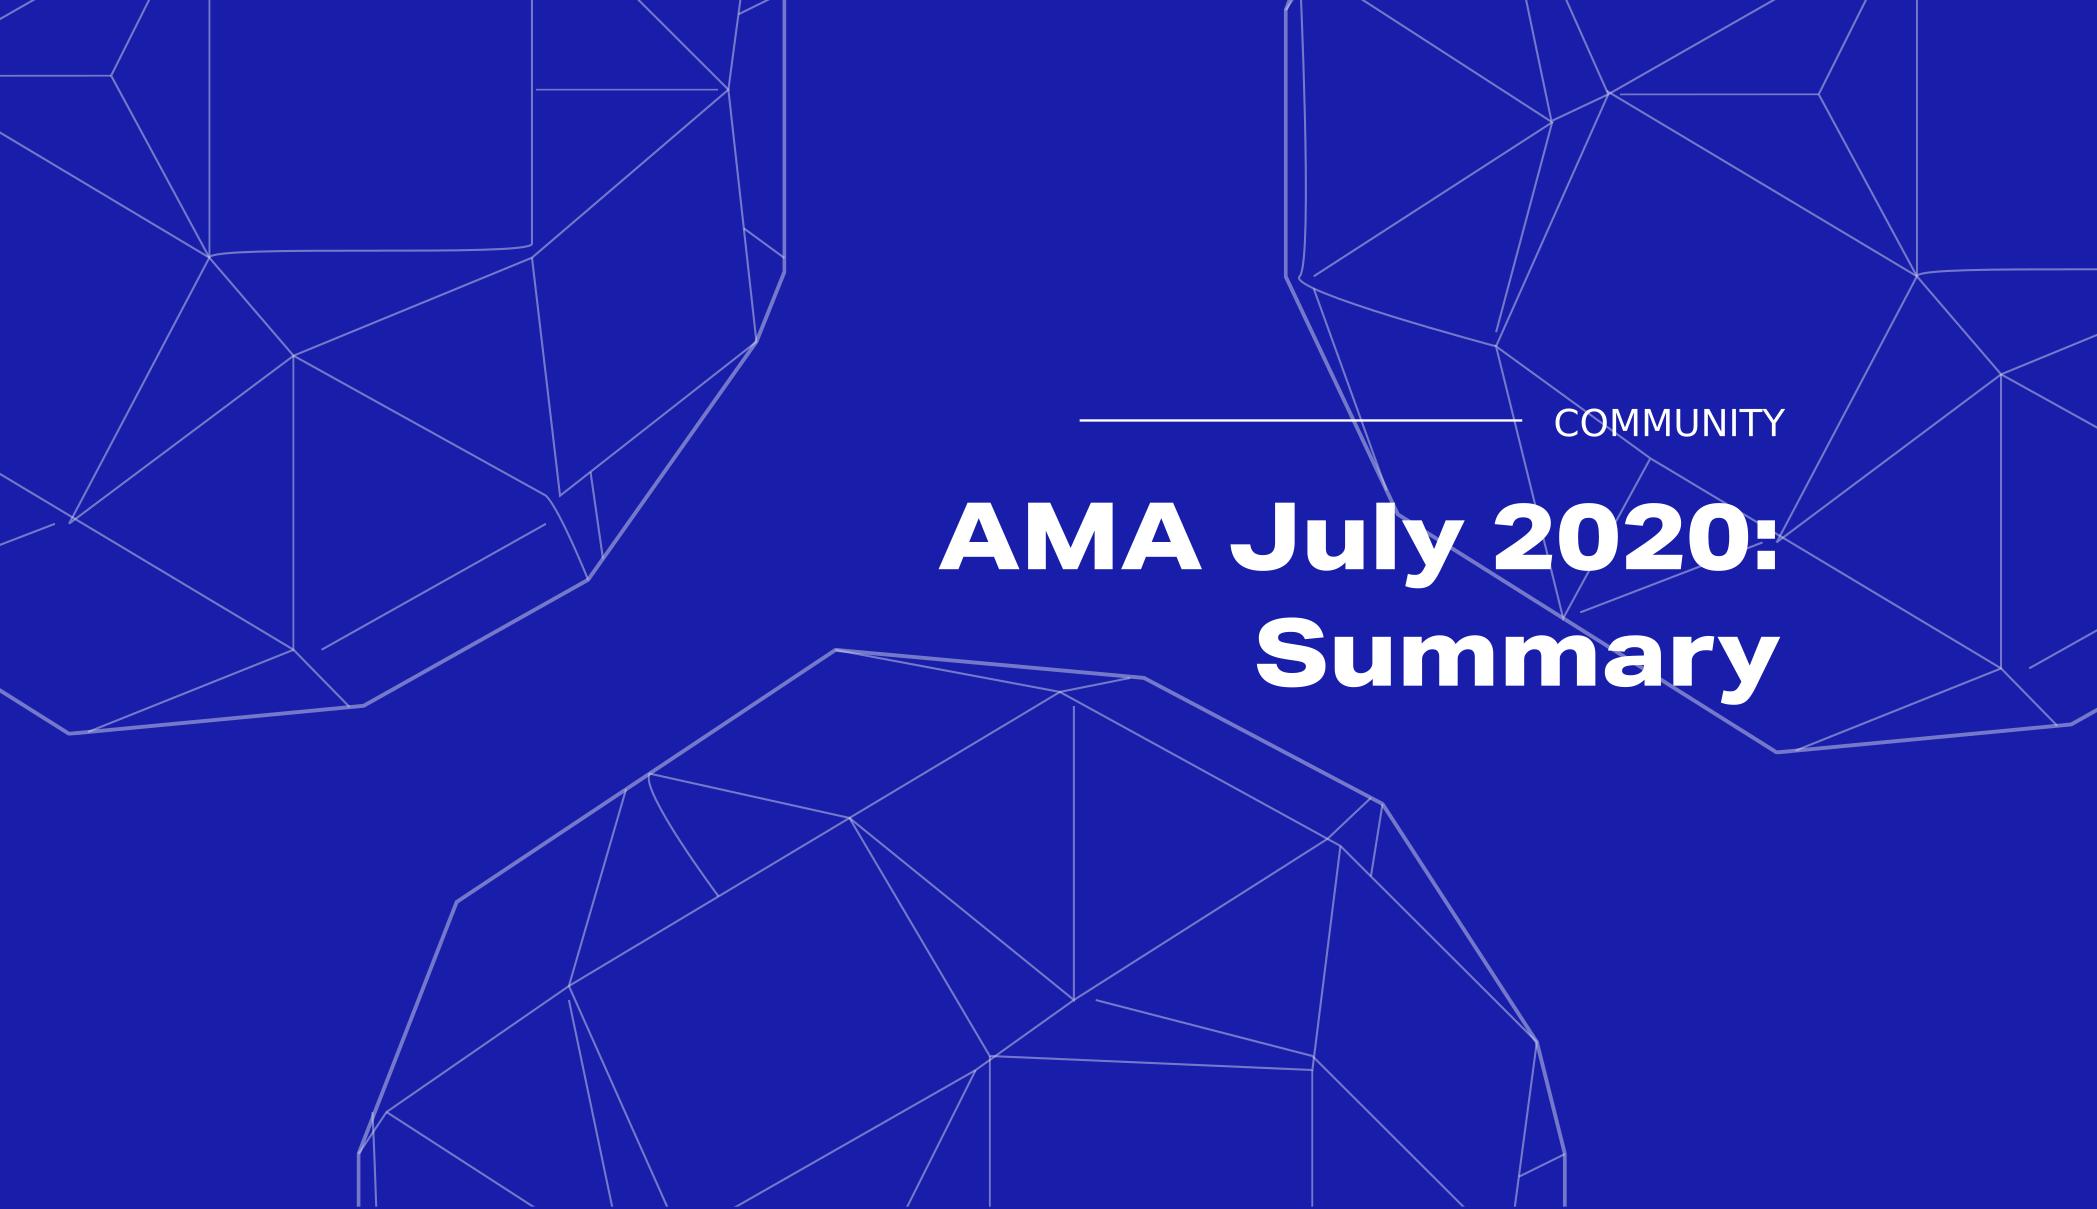 Summary of the Golem AMA July 2020